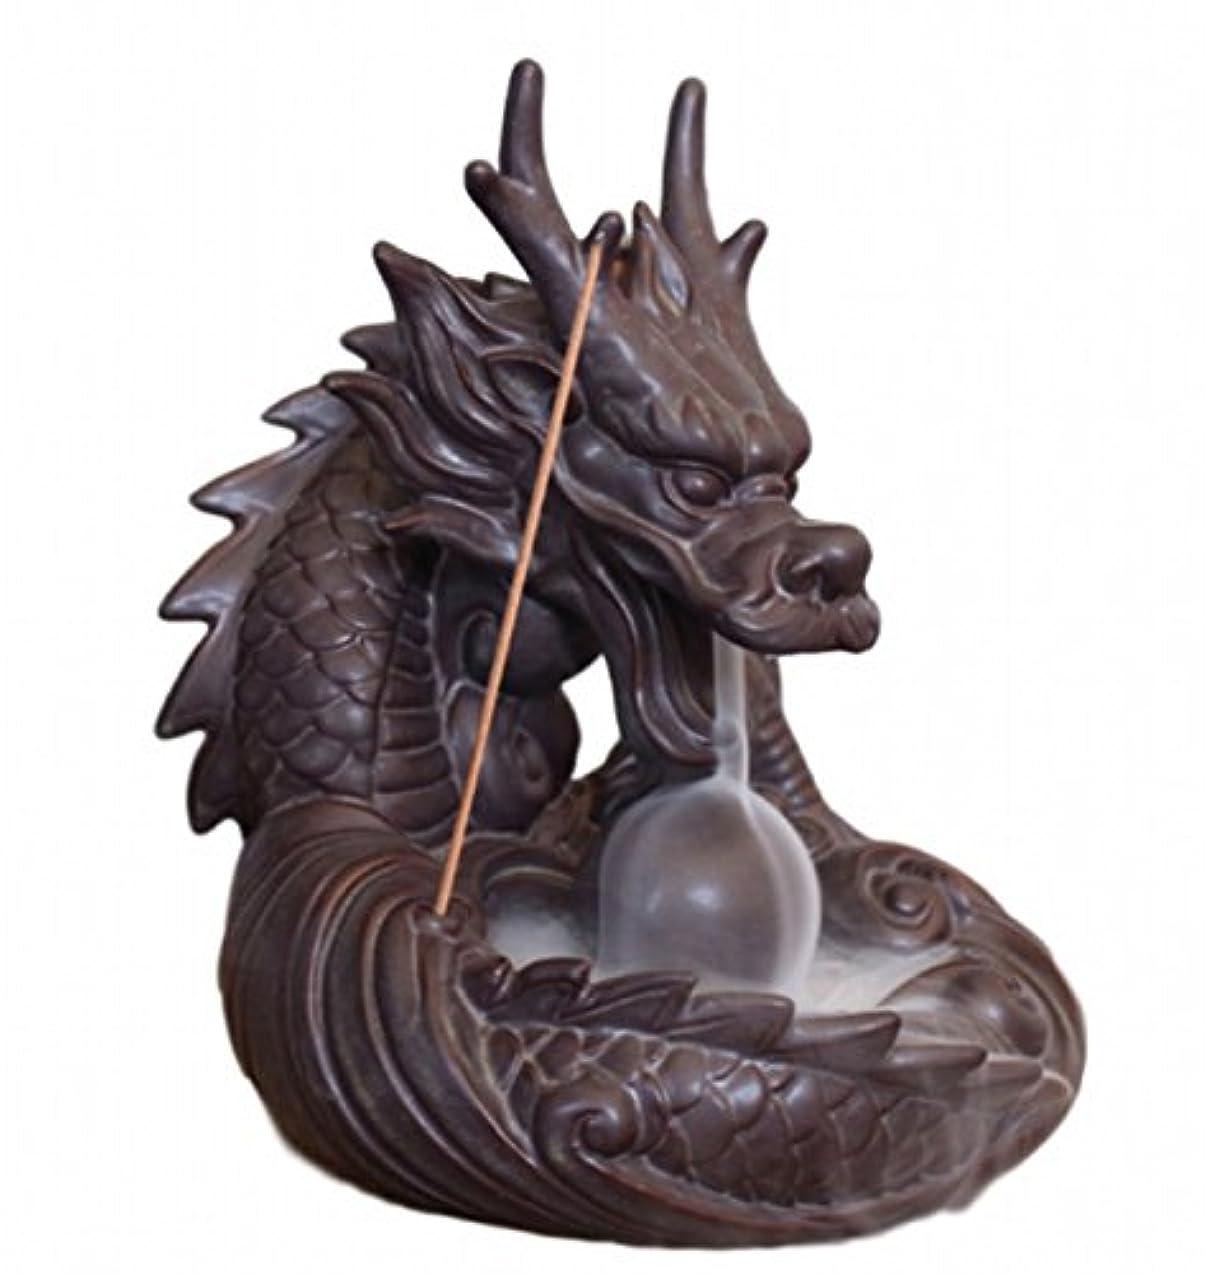 シャッフル快適謎【Rurumiマーケット】不思議なお香 倒流香 用 香炉 ドラゴン お試しお香付き 流川香 陶器製 (ドラゴンB)